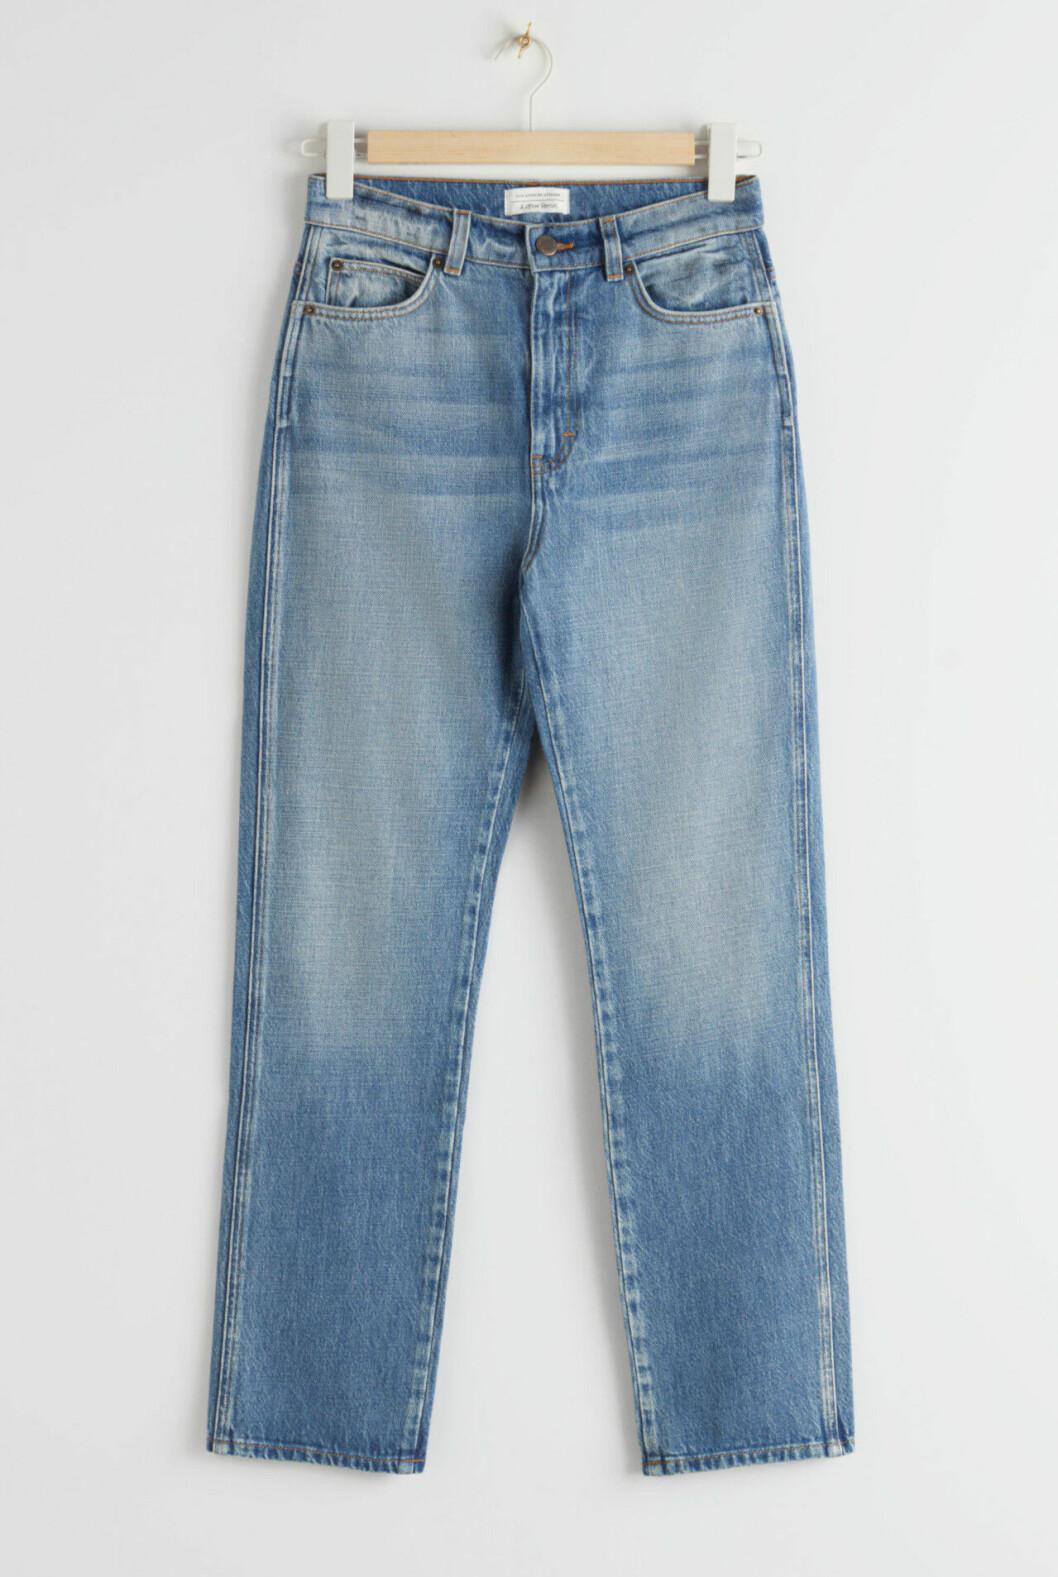 Ljusa jeans med hög midja för dam till våren 2020